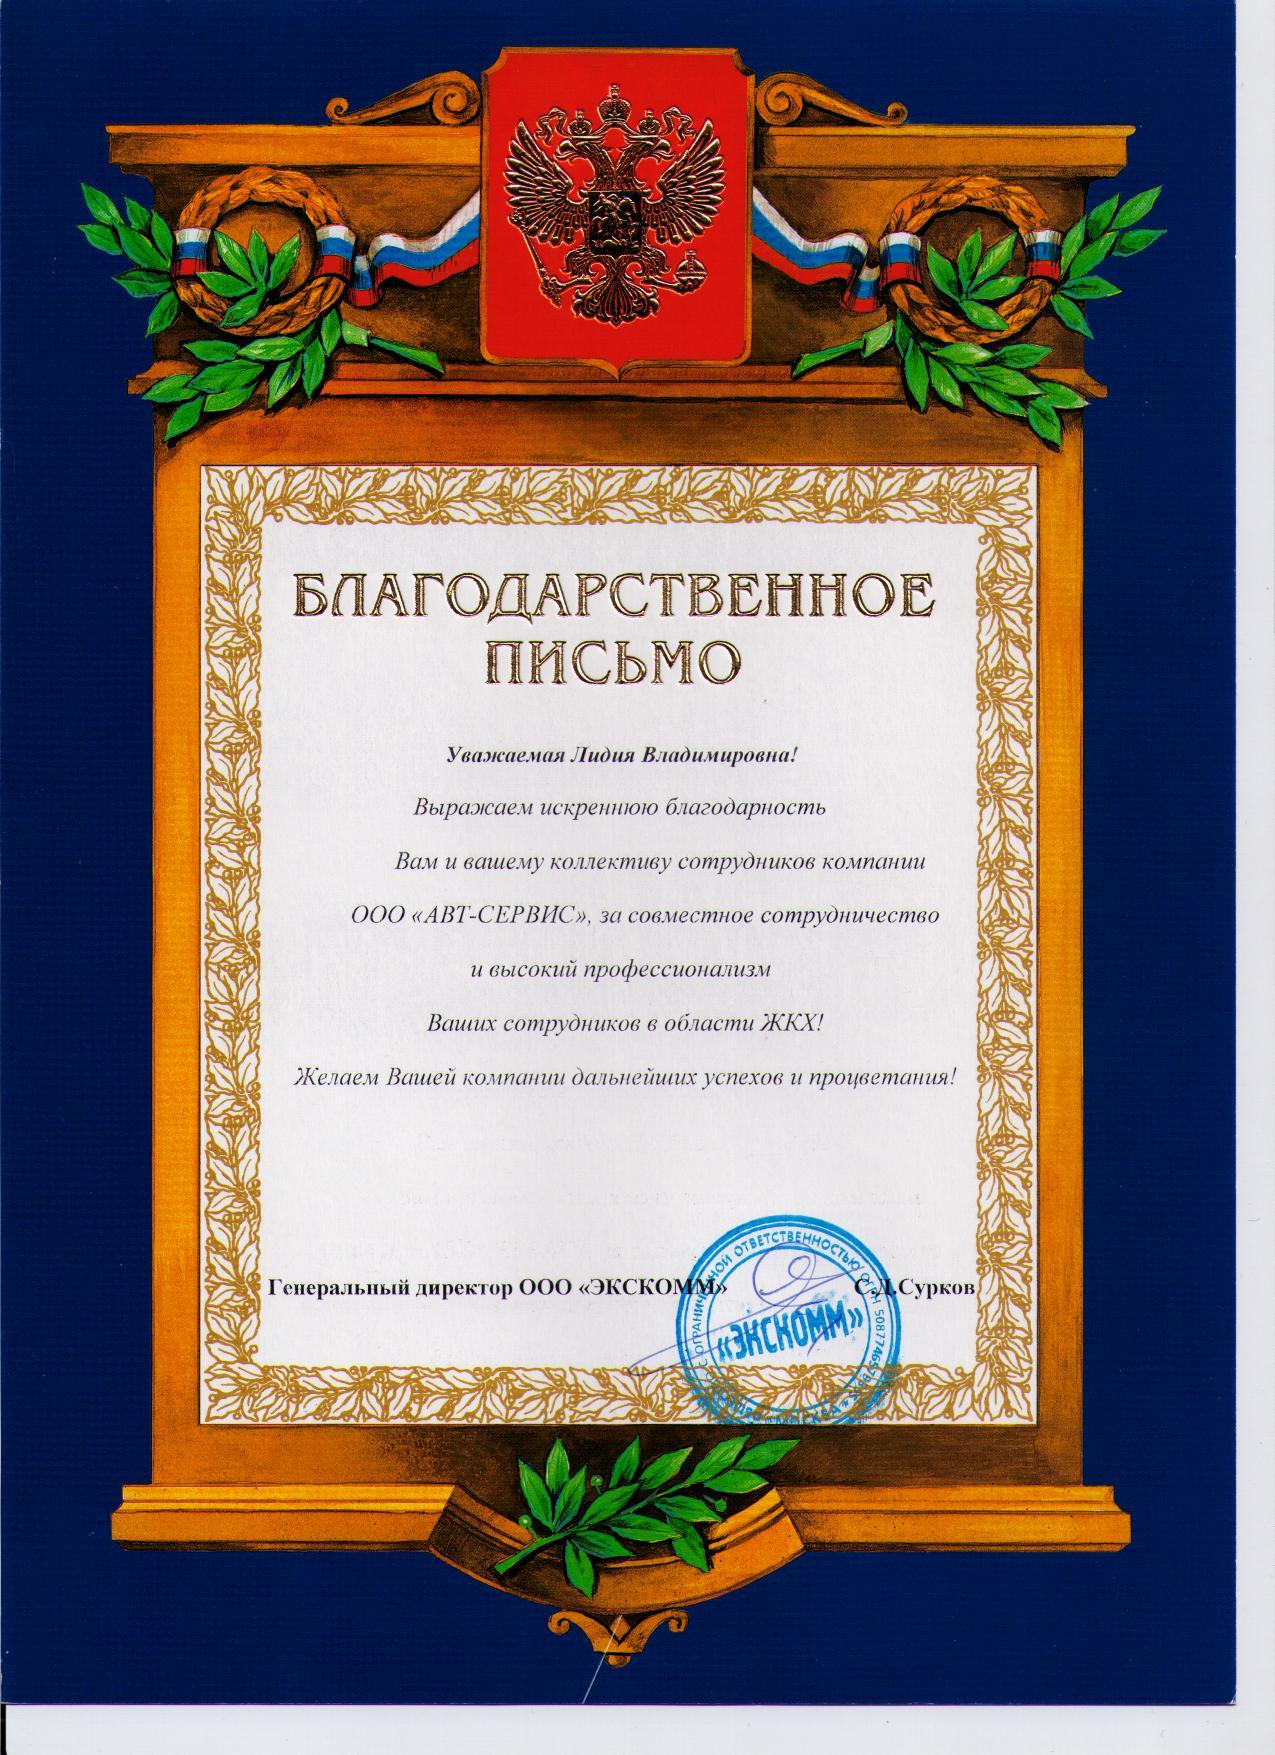 Сертификаты_поверочных_установок_001.jpg